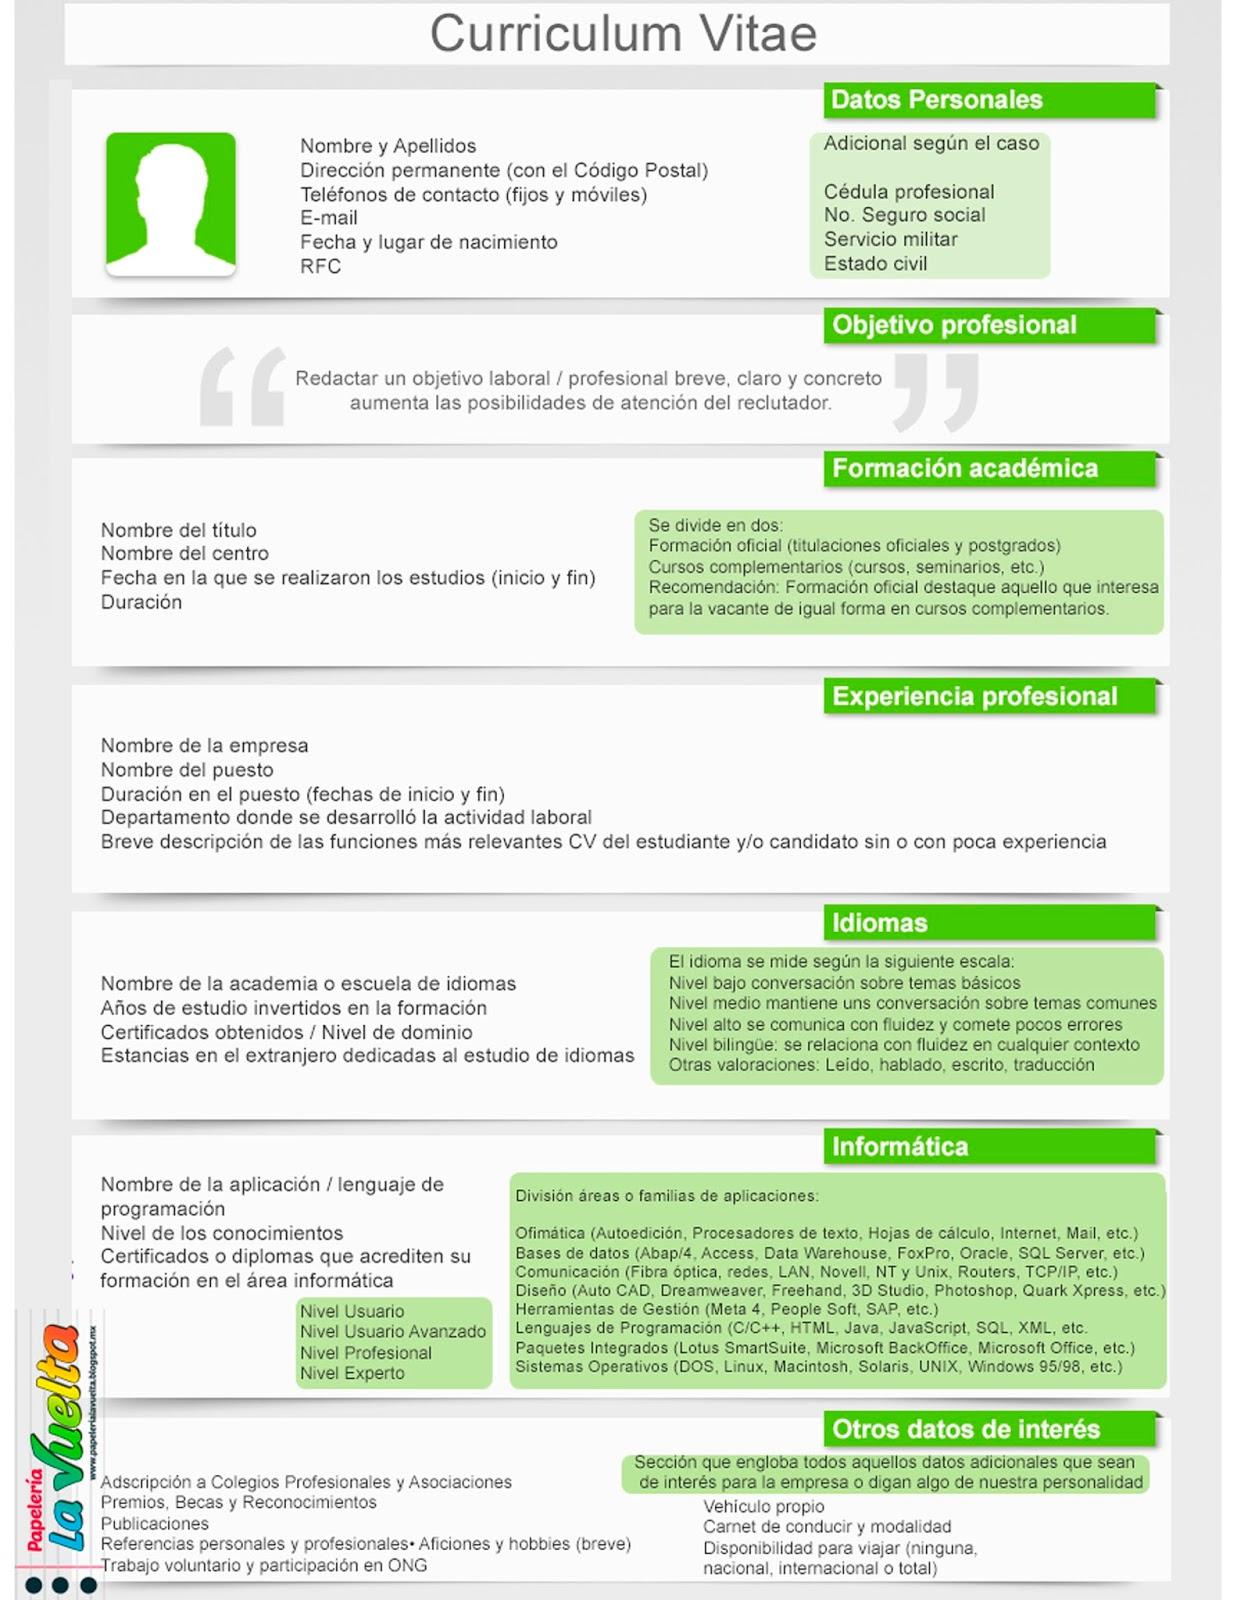 Papelería La Vuelta: Ejemplo de Curriculum Vitae